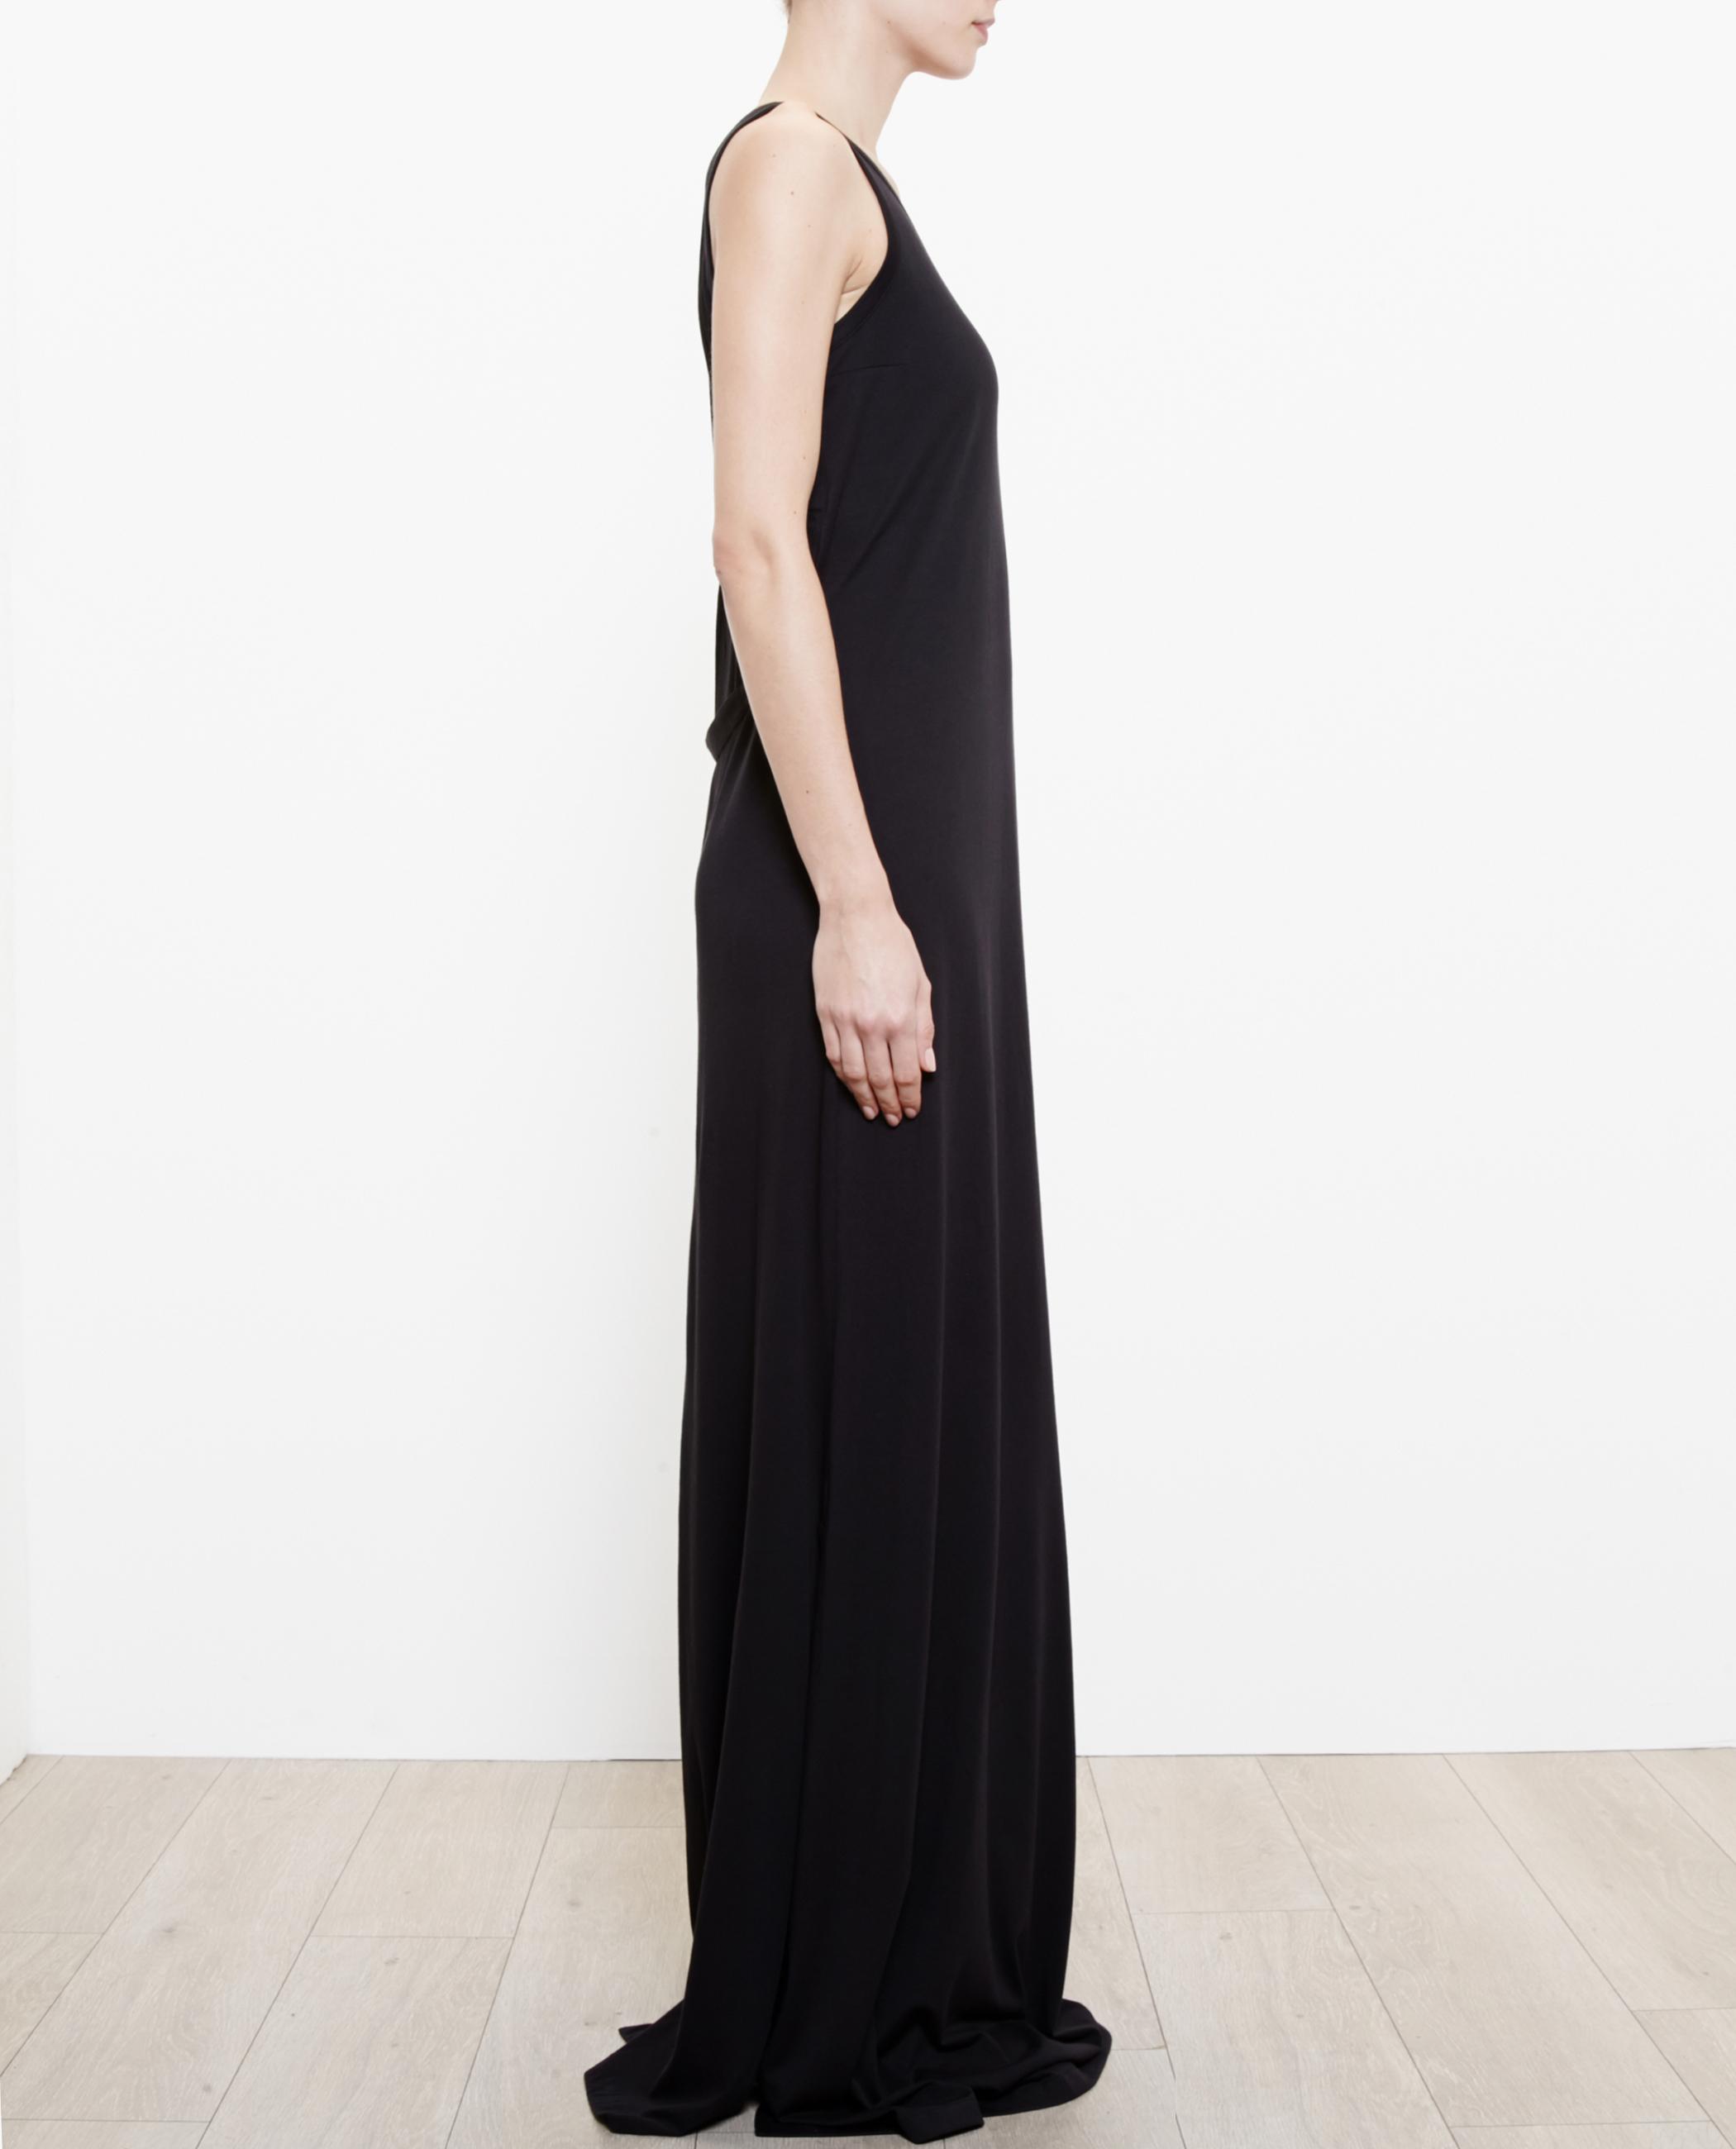 86a6f323583ea4 ann-demeulemeester-black-long-lightweight-jersey-dress-mini-dresses-product-1-26184090-3-906116009-normal.jpeg